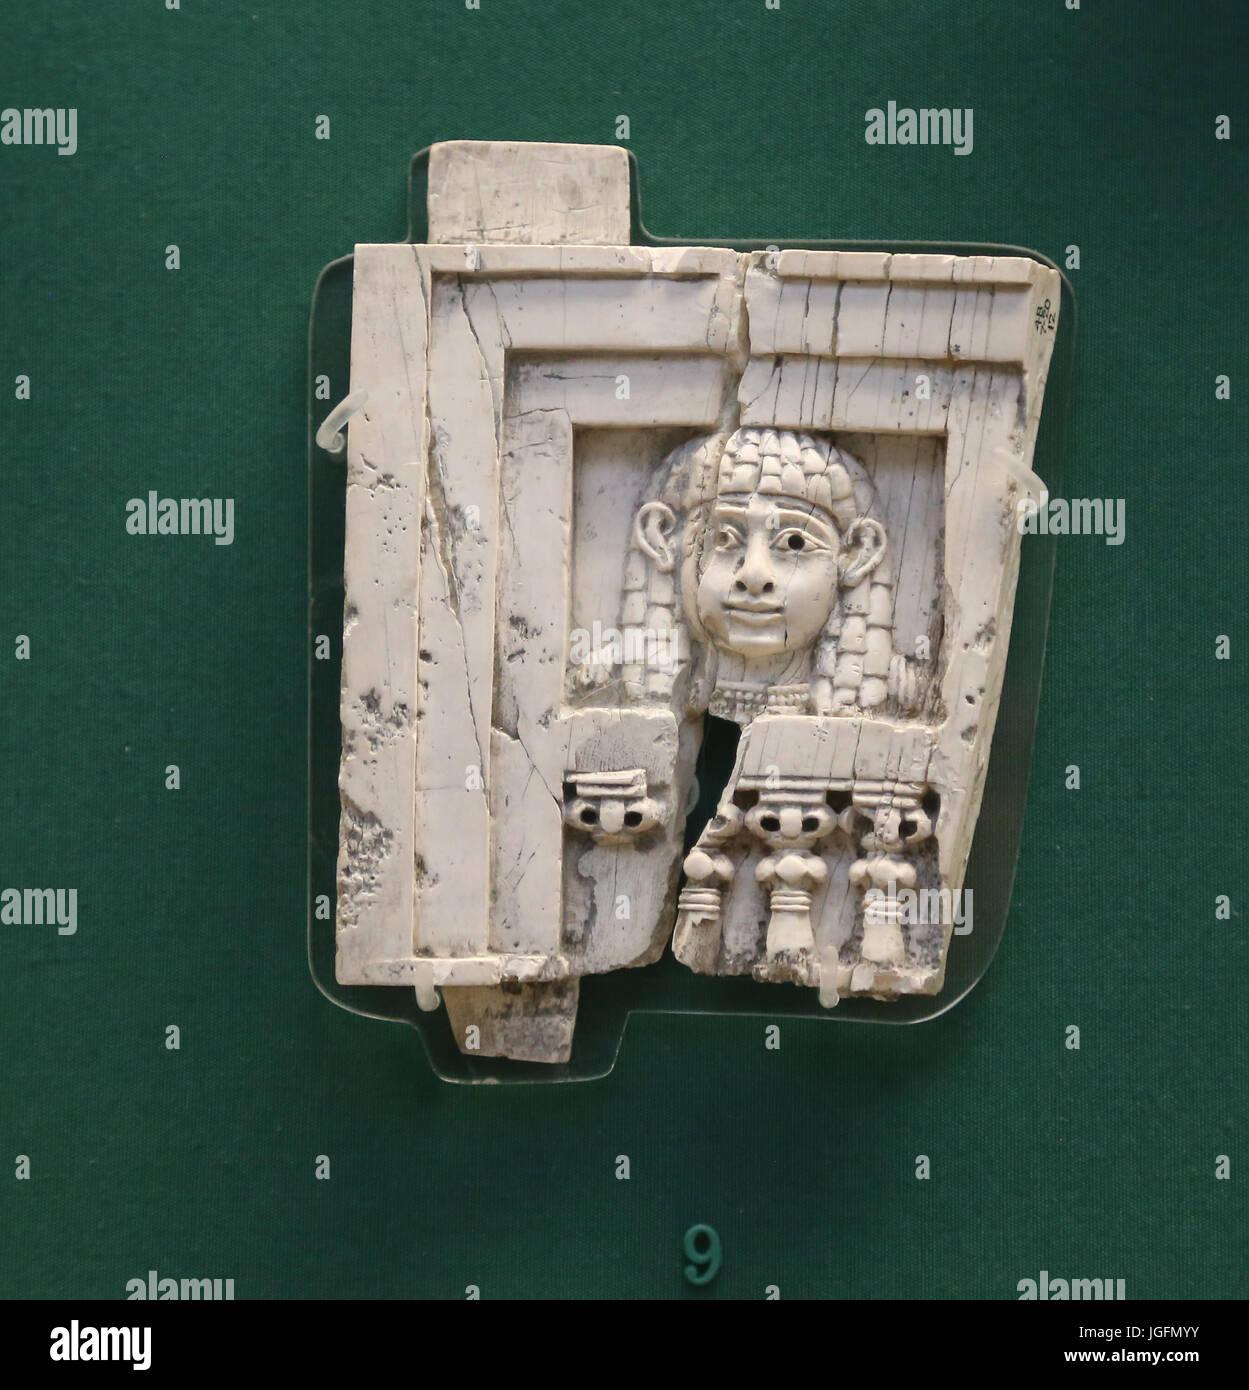 Donna alla finestra. Fenicio. Avorio da Nimrud, Iraq. 8 A.C. L'Iraq. British Museum. Londra. Regno Unito. Immagini Stock